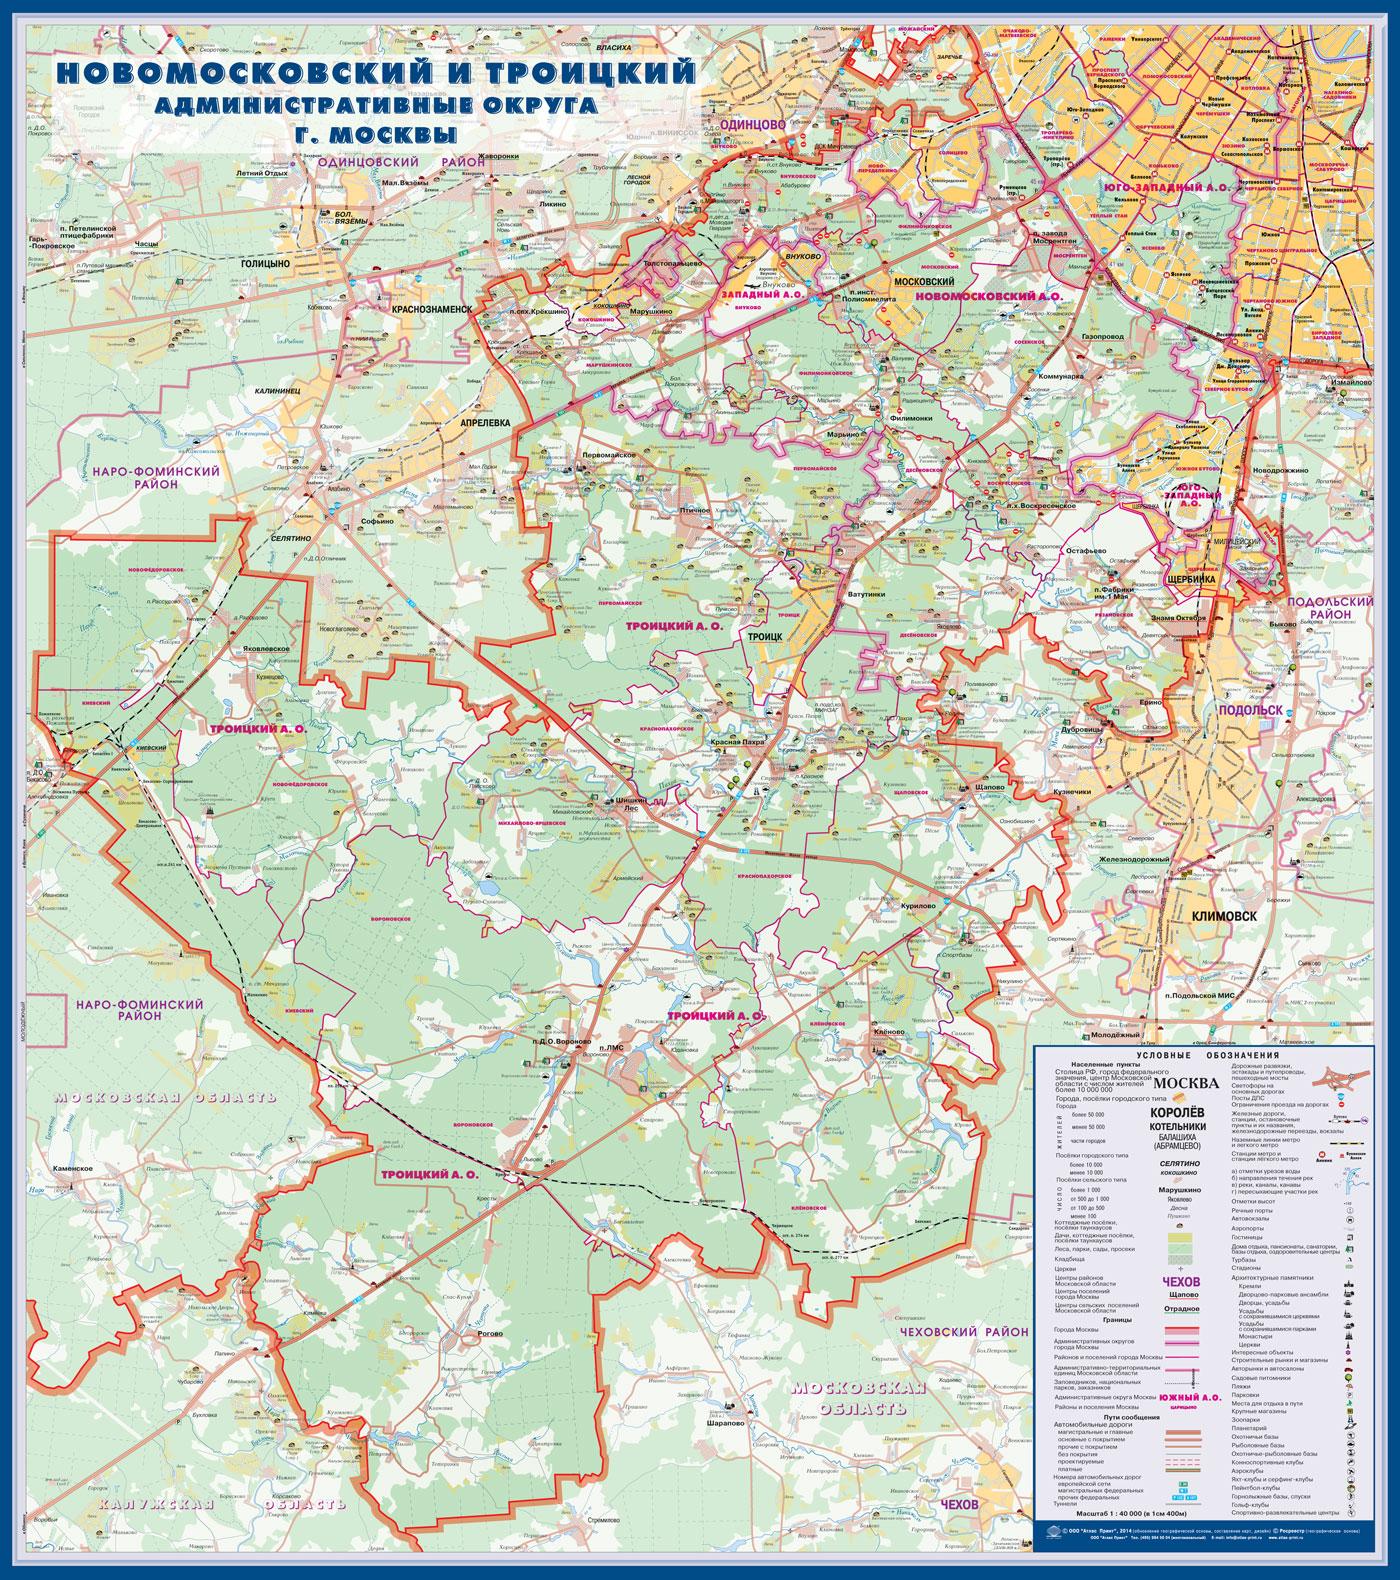 Настенная карта Новомосковского и Троицкого административных округов Москвы. Размер 1,40х1,58 м., выполняется на заказ